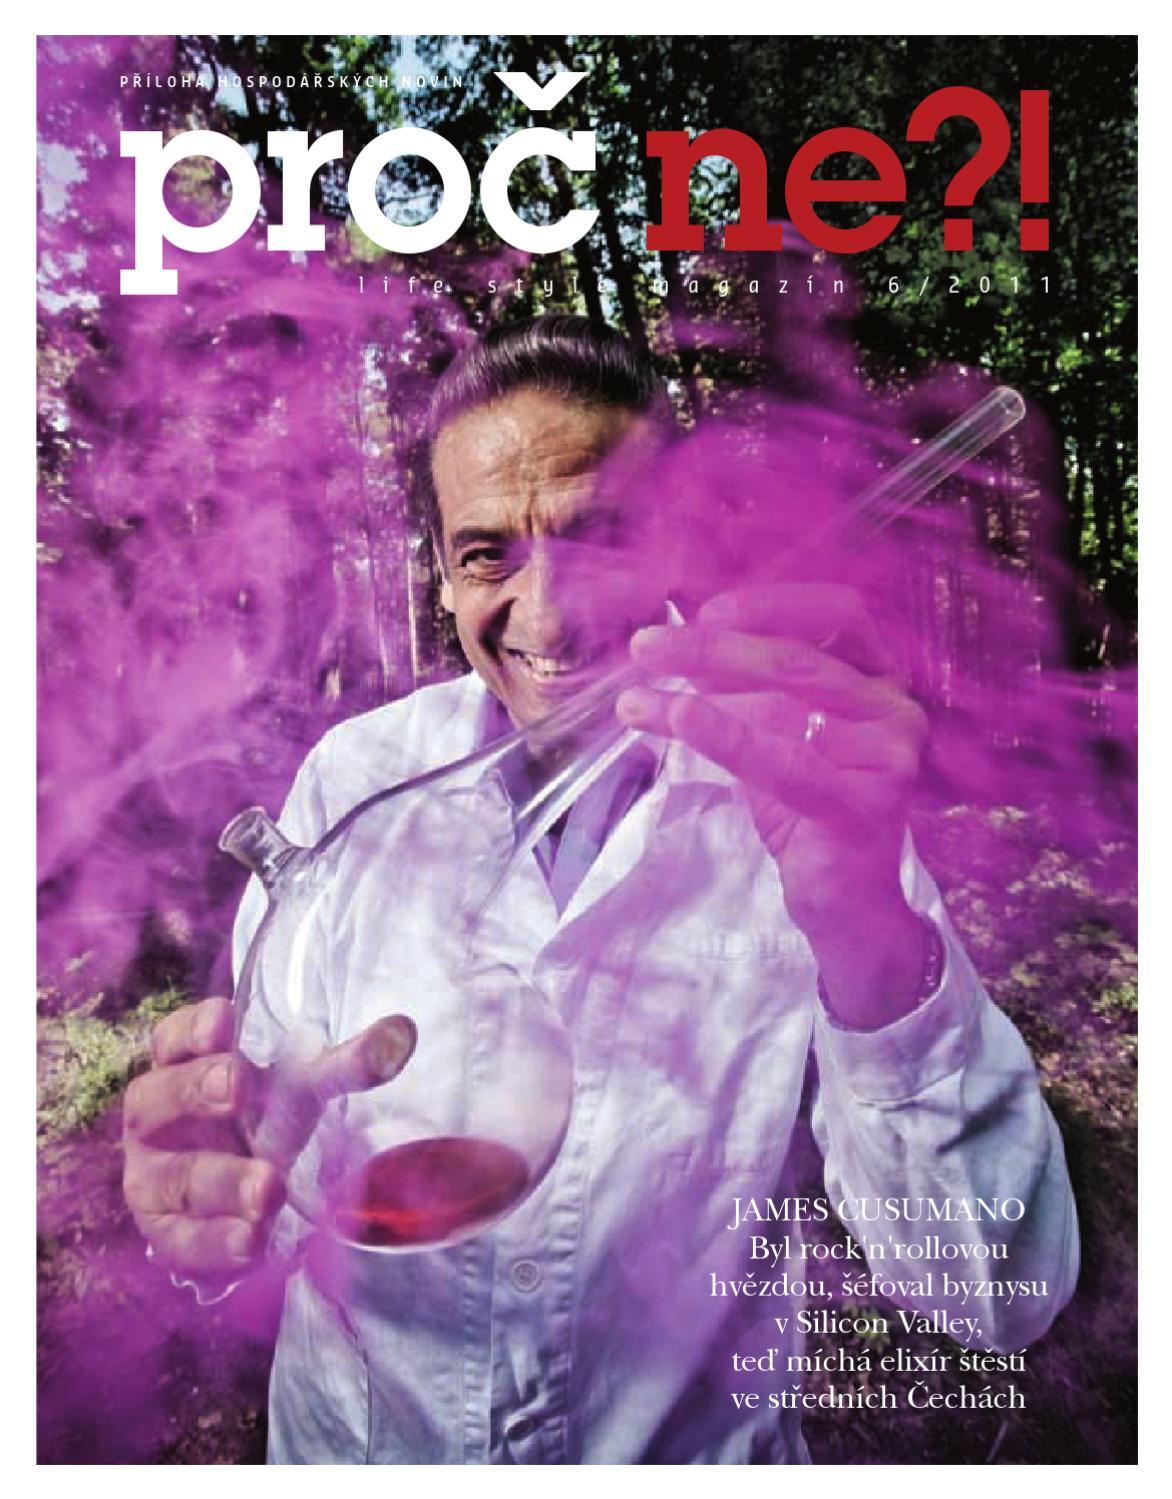 Procne - june by Hospodarske noviny Proc ne ! - issuu 85412992b8